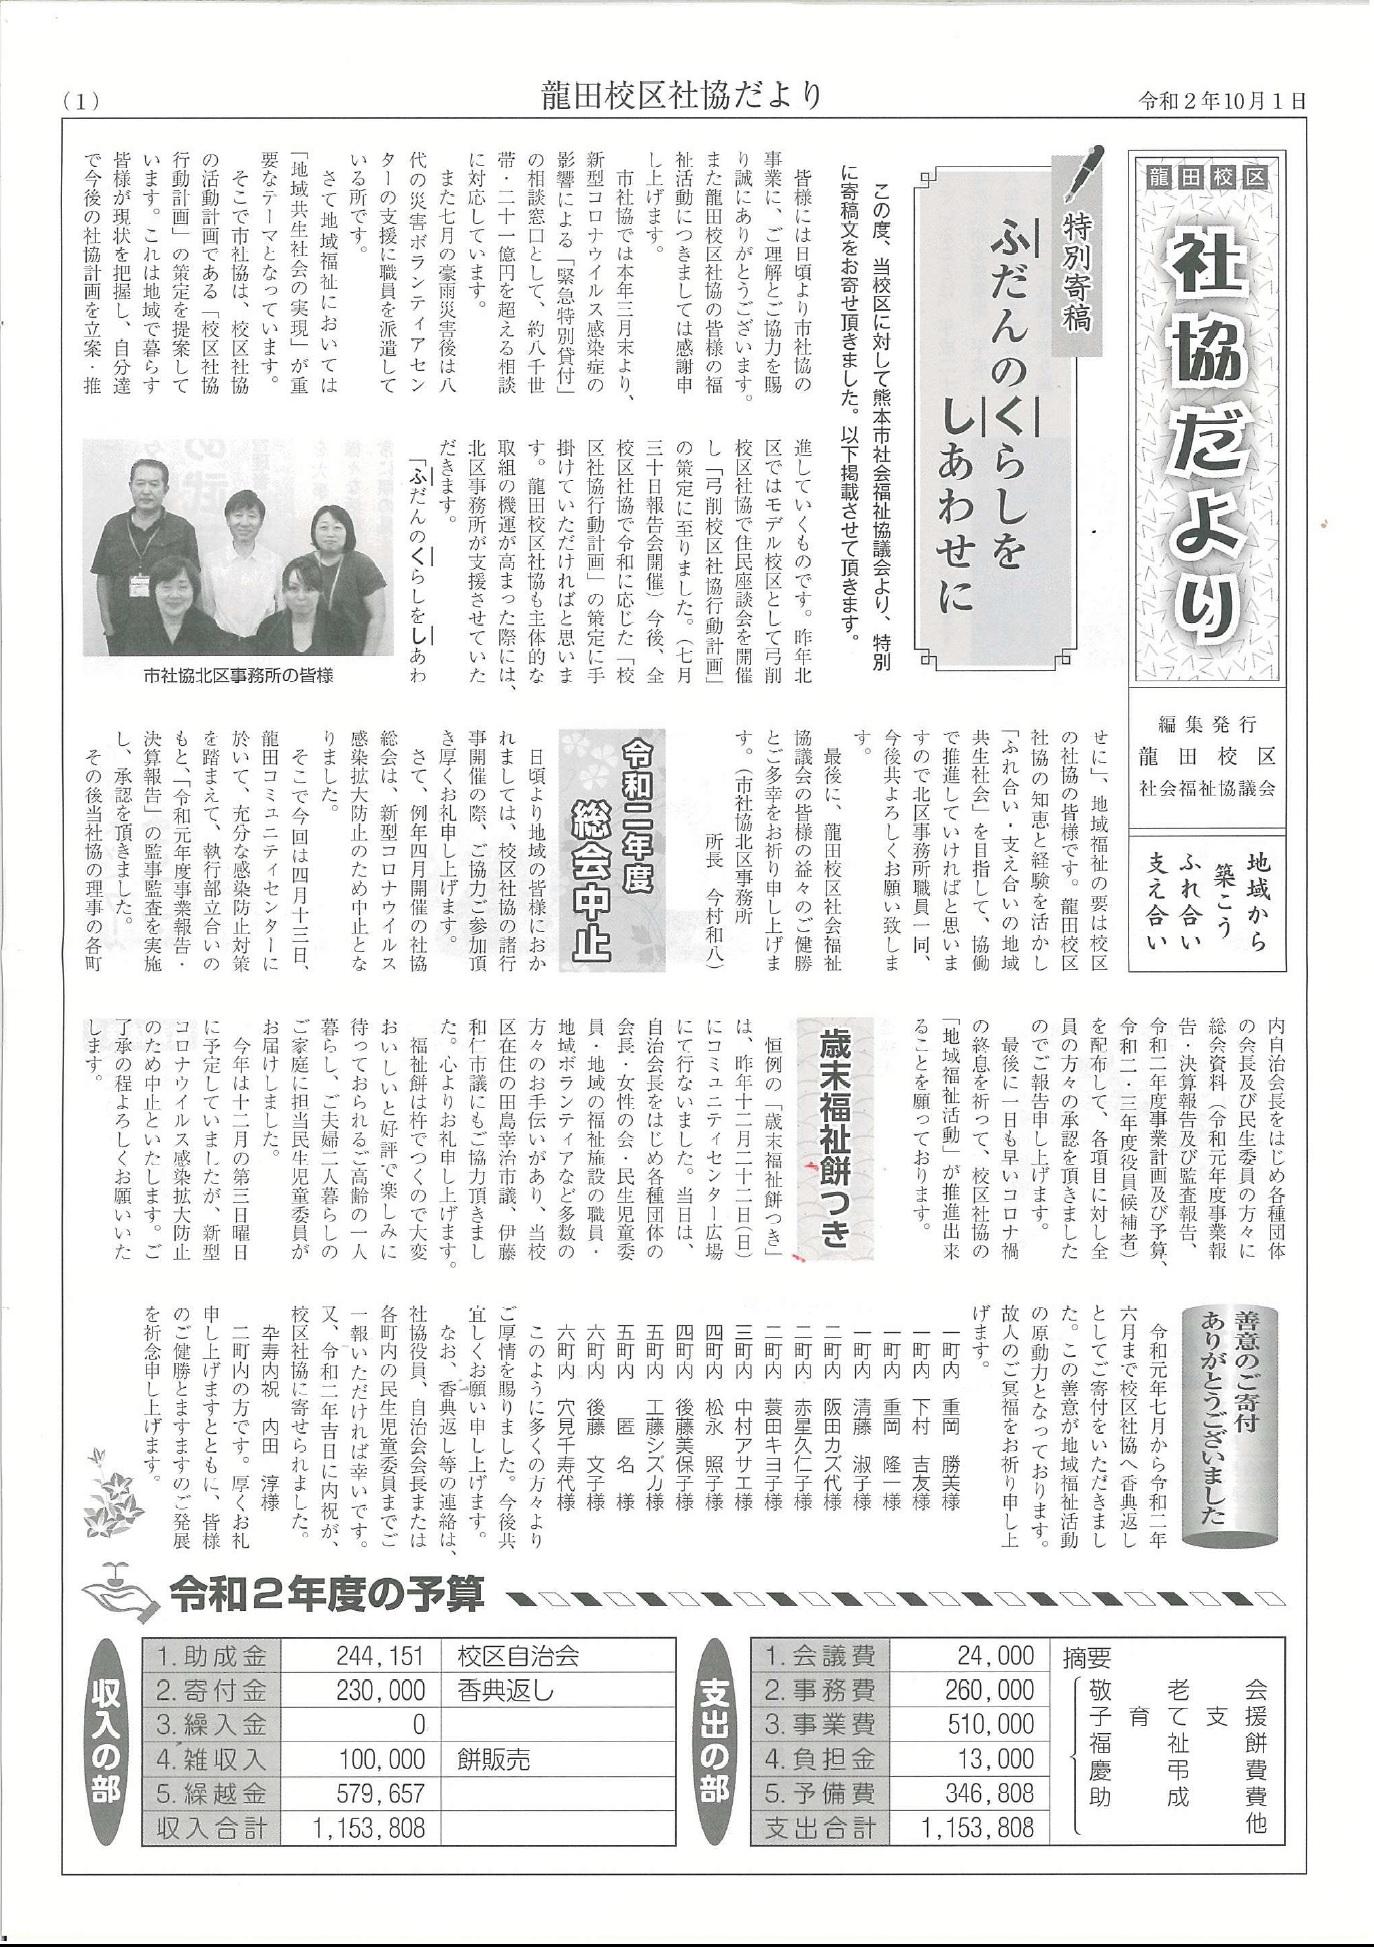 龍田校区「社協だより」(令和2年10月1日号)表